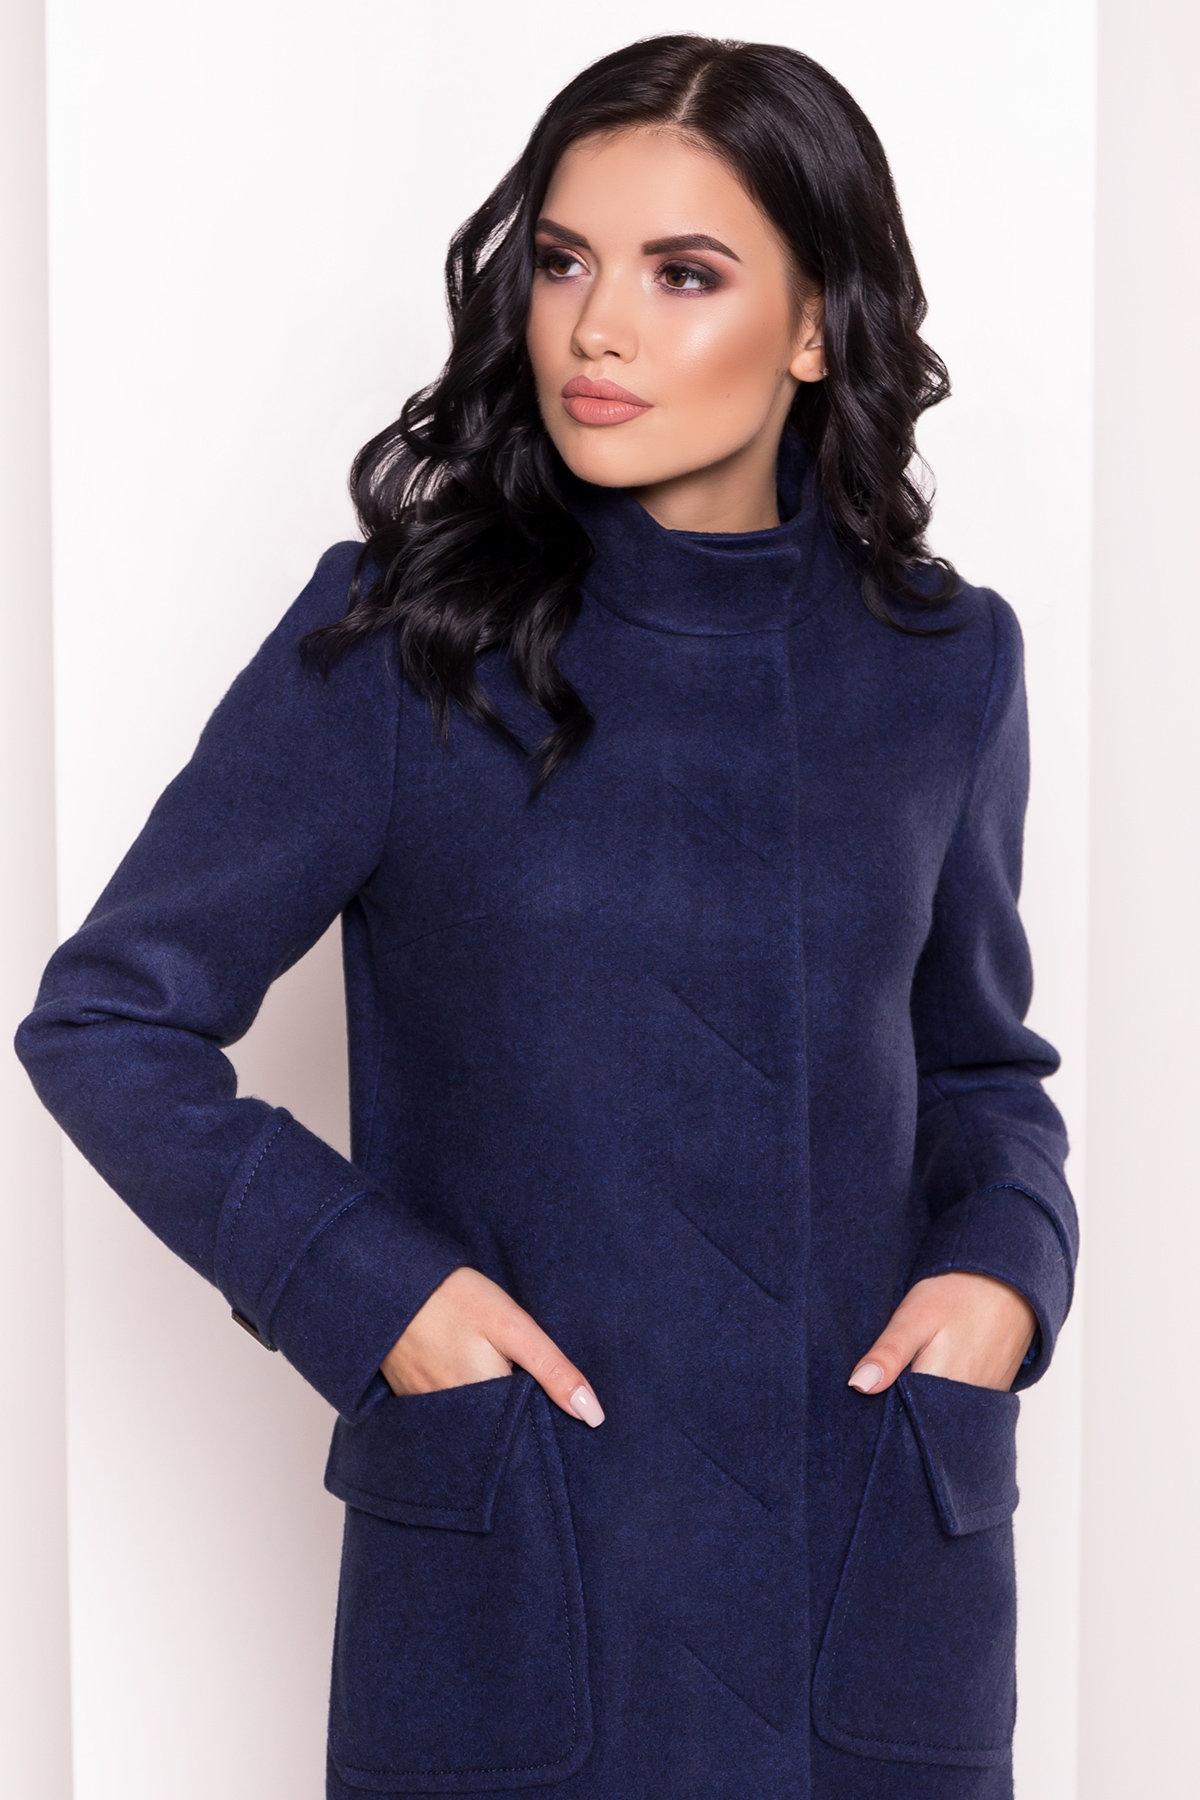 Демисезонное пальто с воротником стойка Эста 5417 АРТ. 36787 Цвет: Темно-синий 17 - фото 5, интернет магазин tm-modus.ru